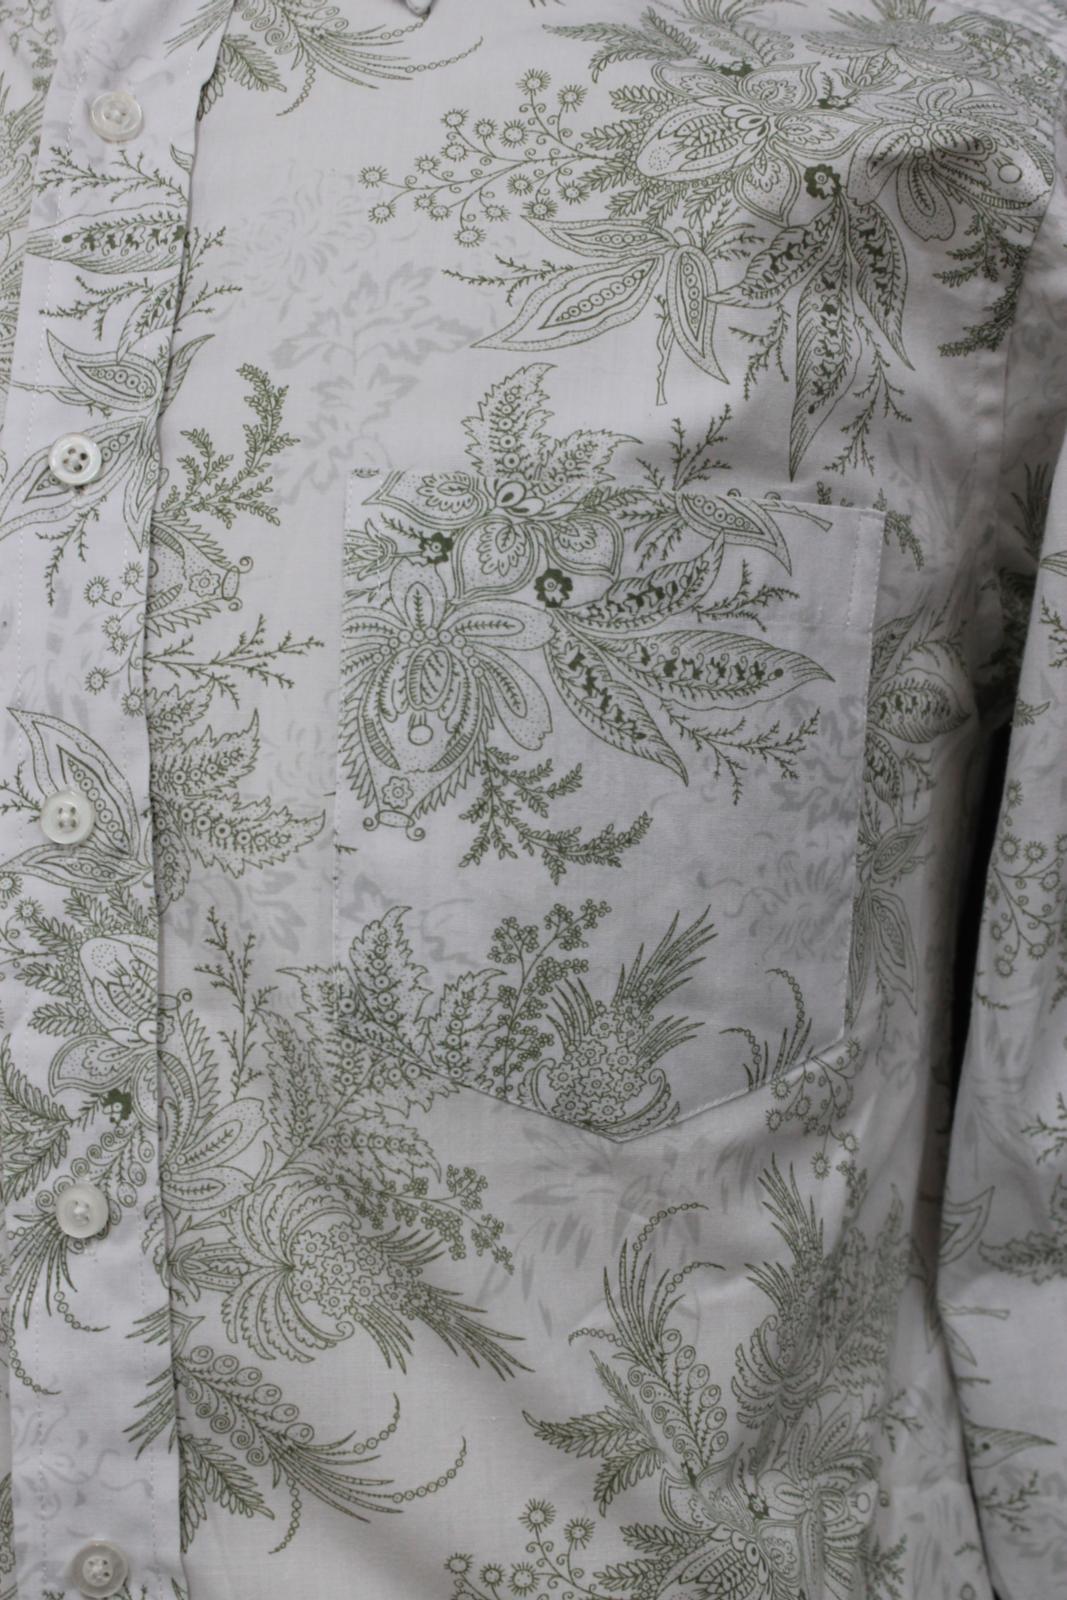 Paul-Smith-Para-Hombre-Blanco-Algodon-Con-Patron-Floral-Con-Cuello-Informal-Camisa-Talla-M miniatura 7